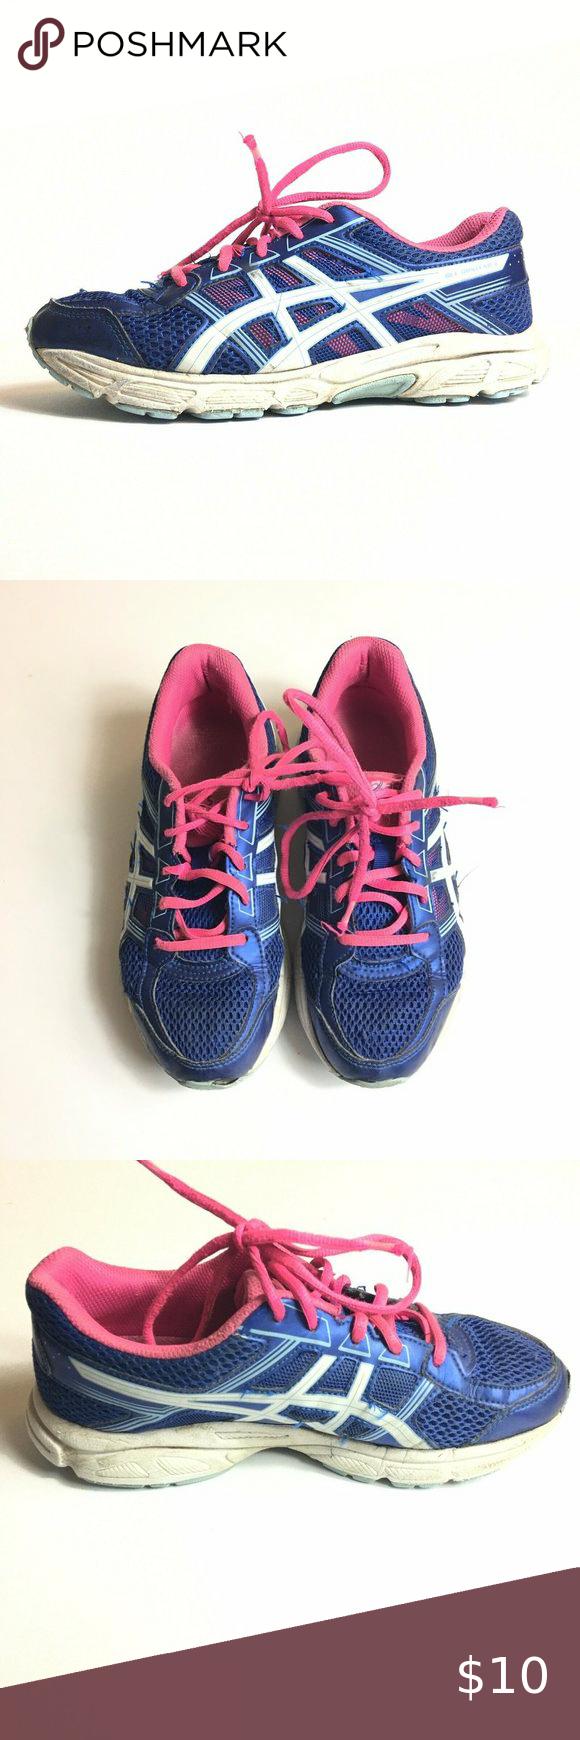 Running Asics 'Gel Contend 4' Size 5.5